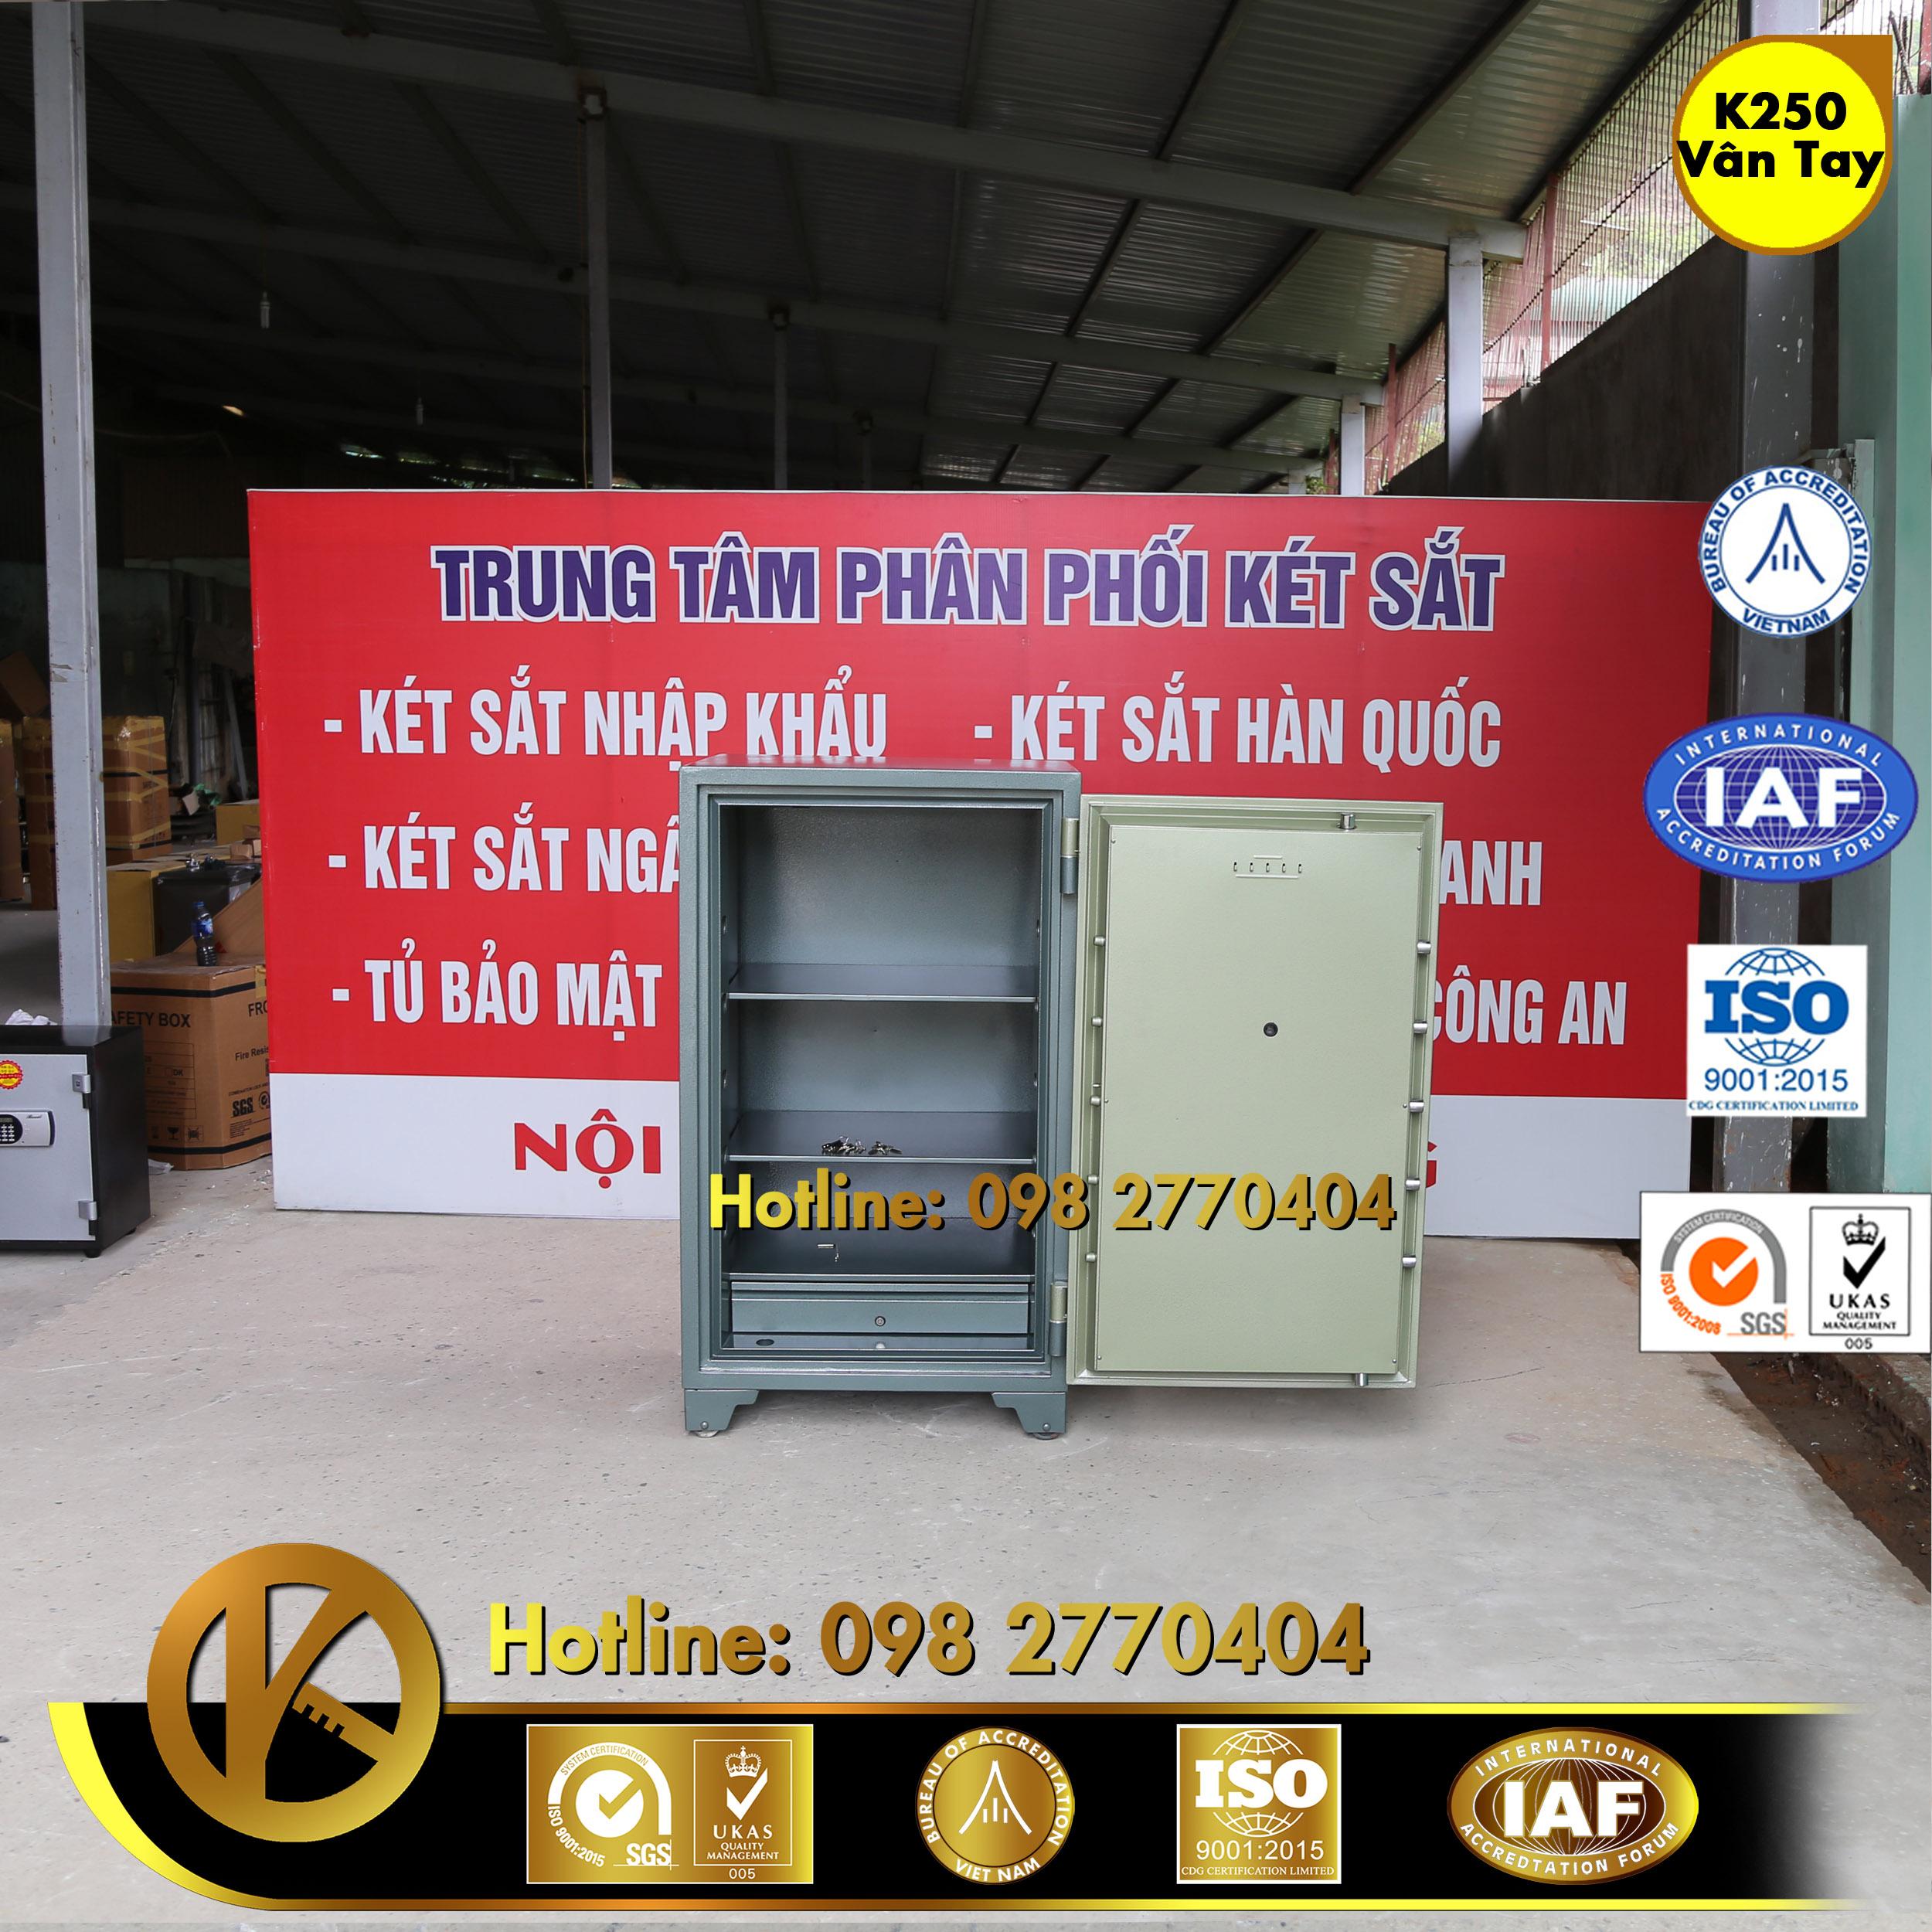 hình ảnh sản phẩm KÉT SẮT NGÂN HÀNG K250 Khoá Vân Tay